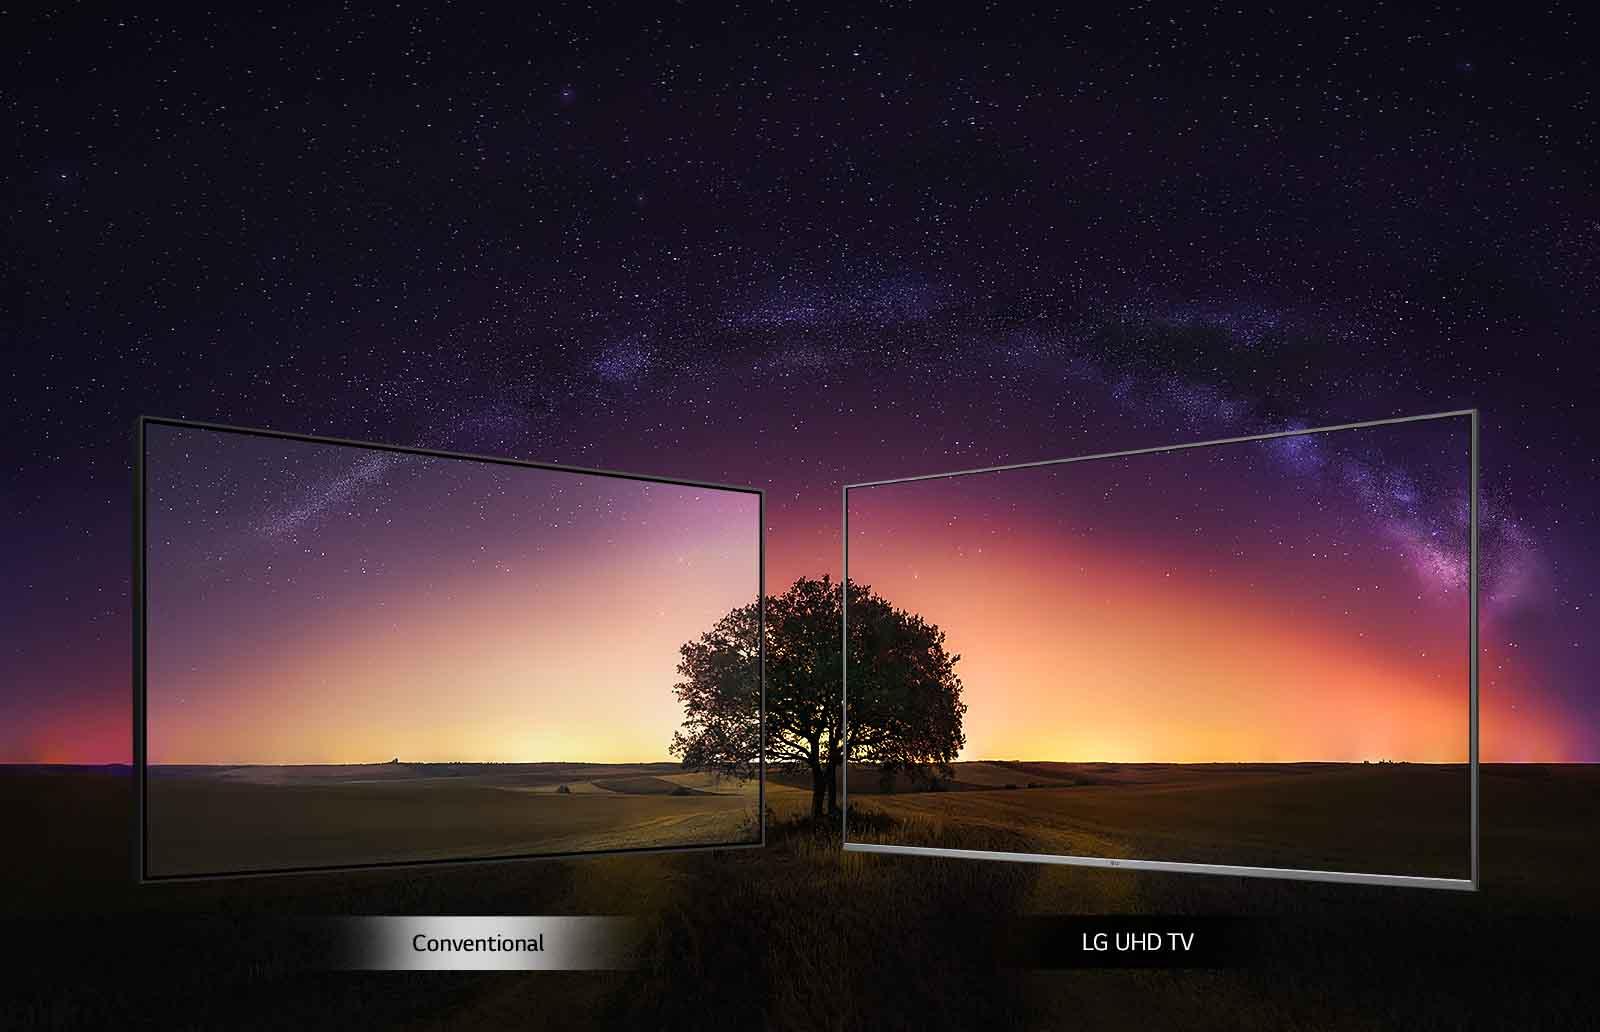 تلویزیون ال ای دی 43 اینچ مدل LG 43UM7340